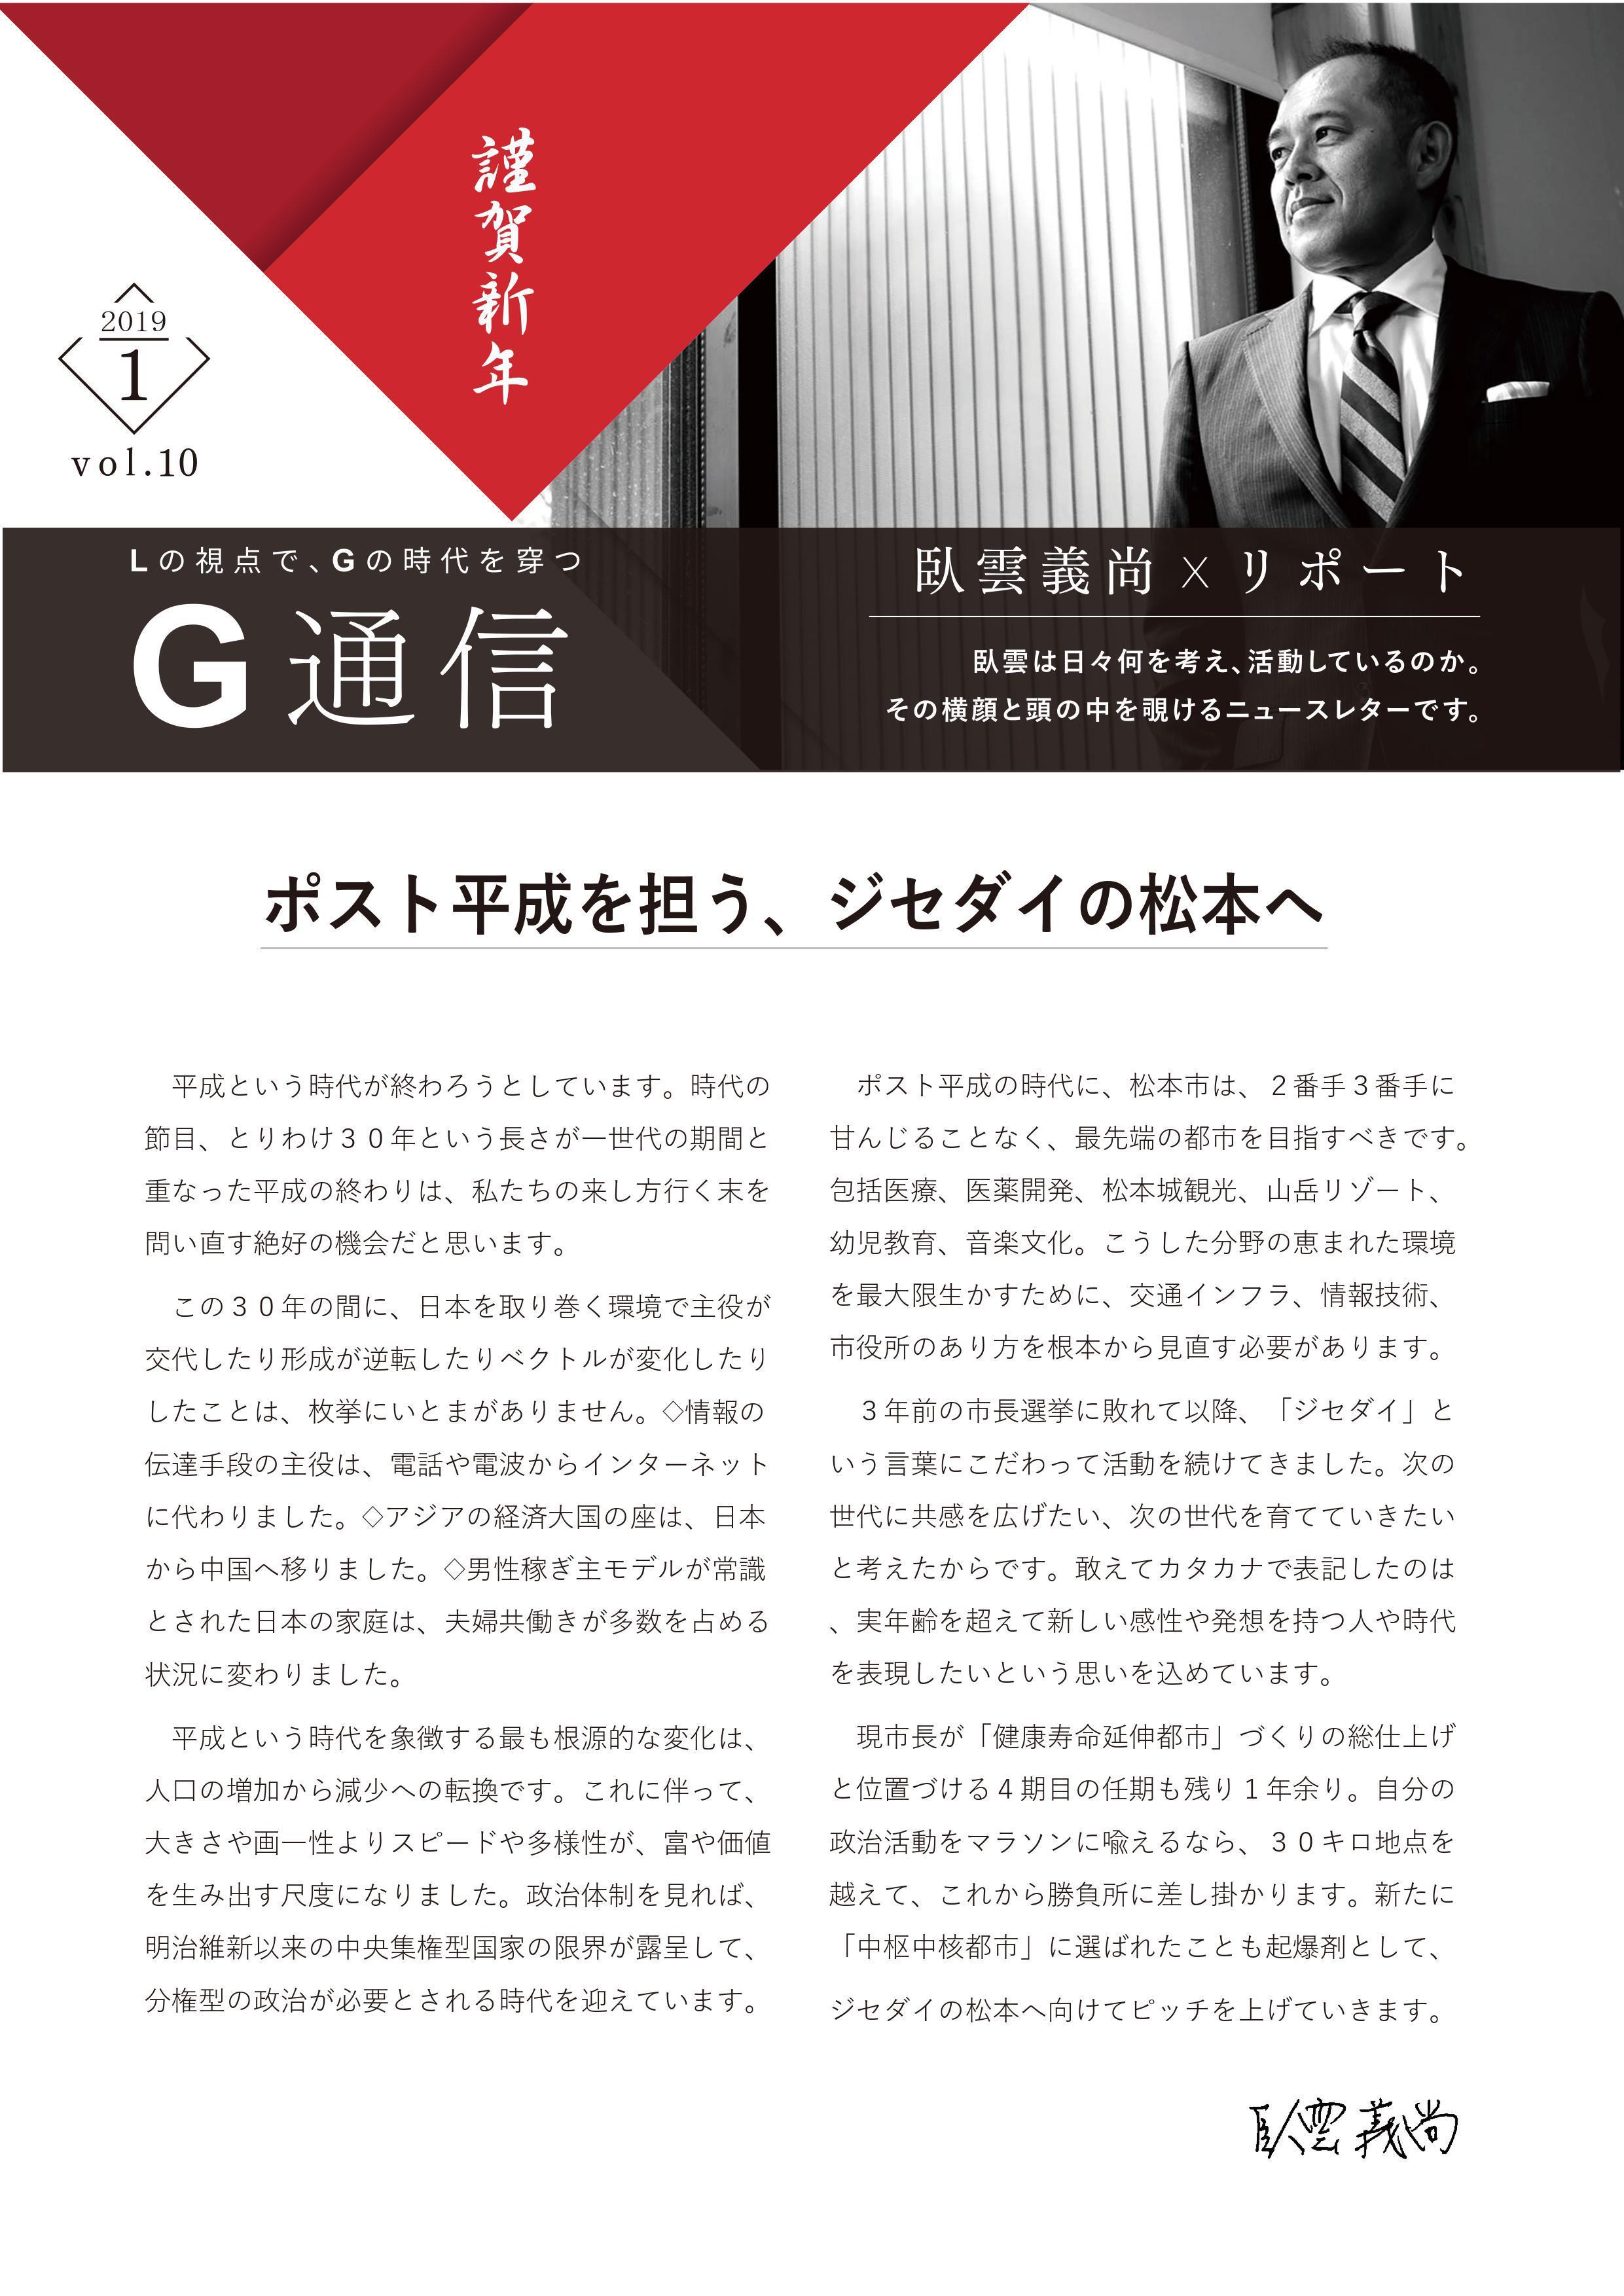 G通信Vol.10 ポスト平成を担う、ジセダイの松本へ